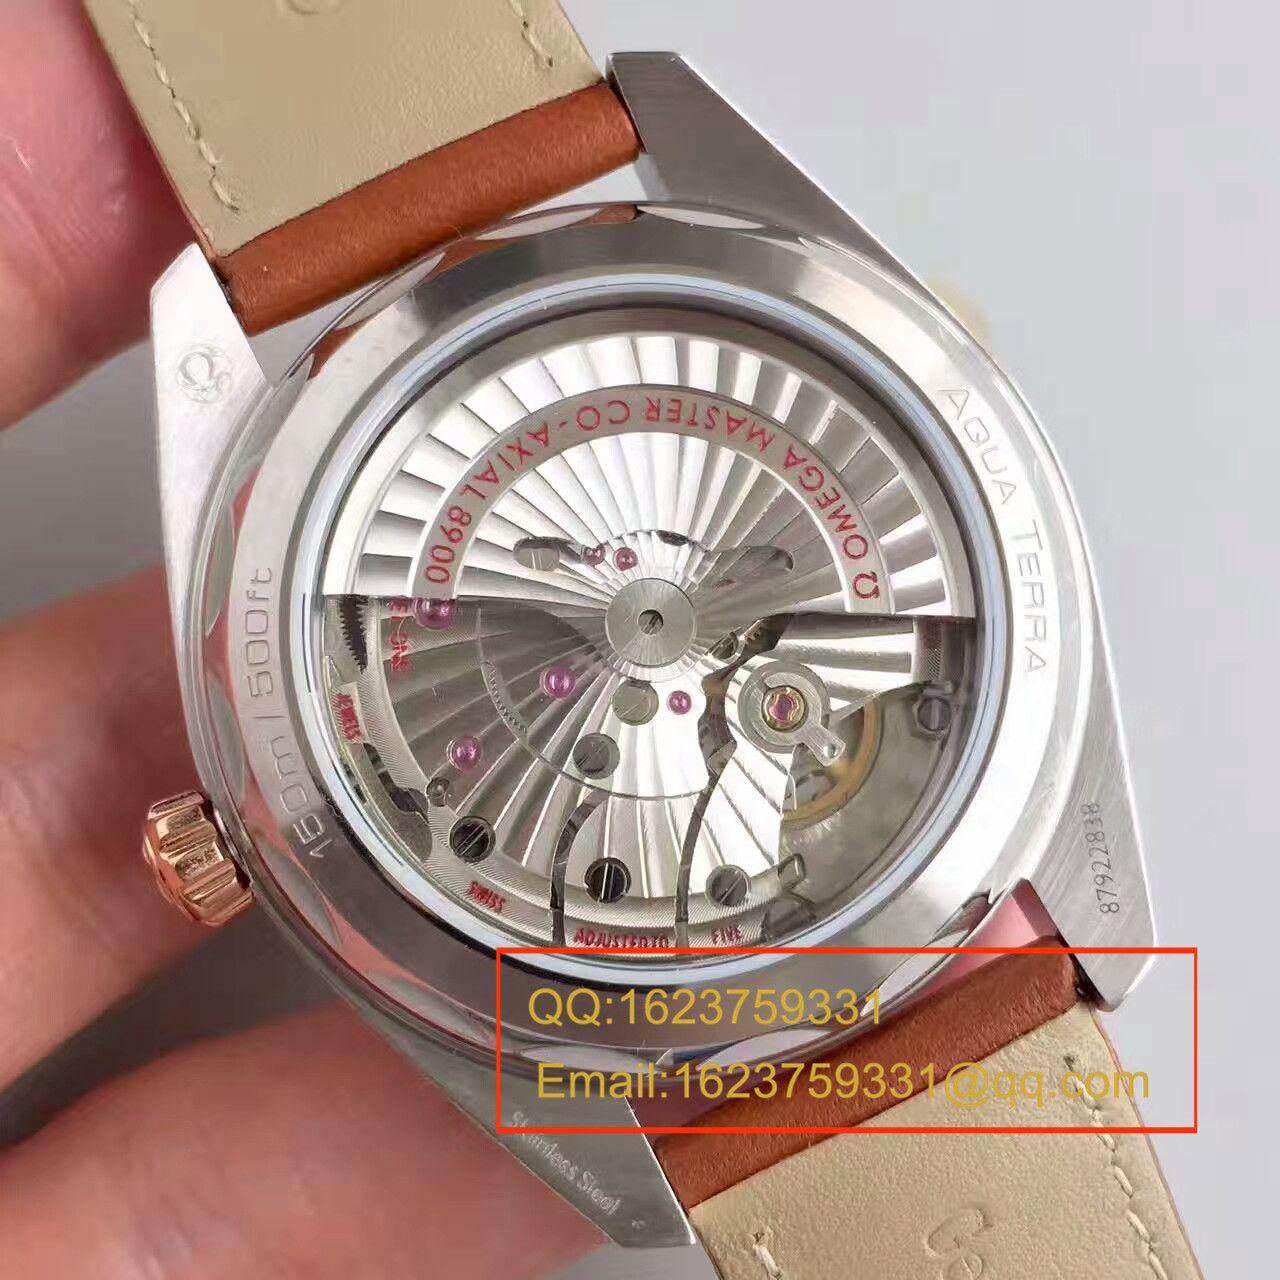 【XF厂一比一超A高仿手表】欧米茄海马系列220.22.41.21.02.001腕表